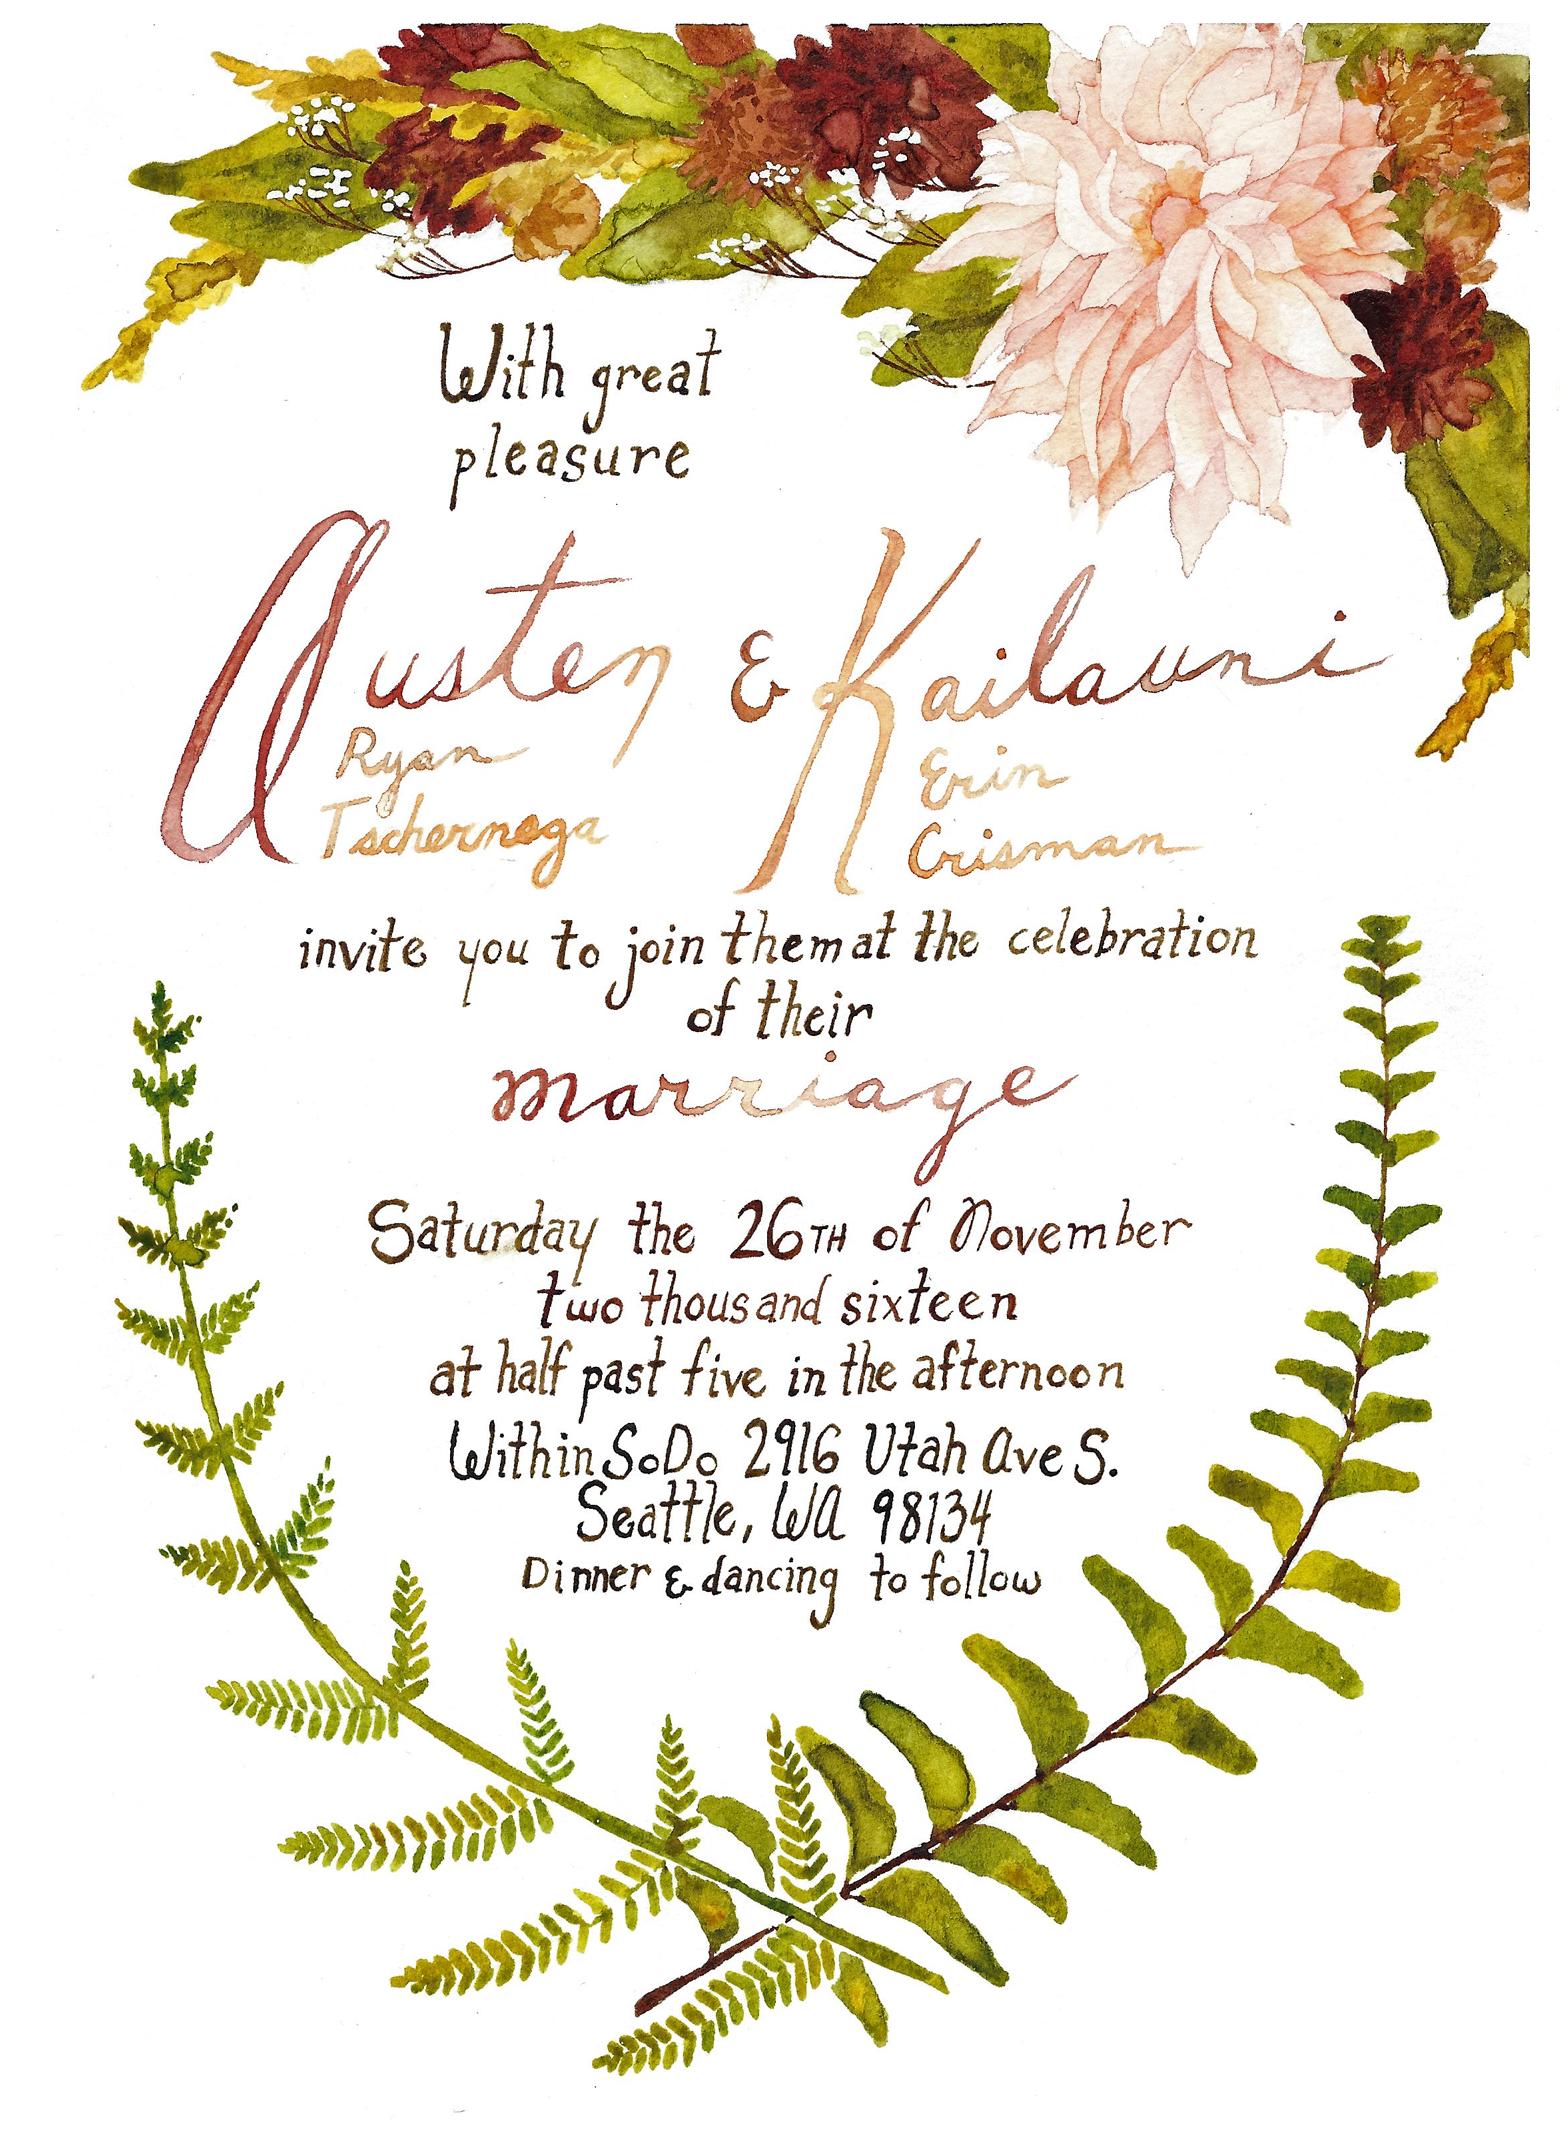 AK invite.png